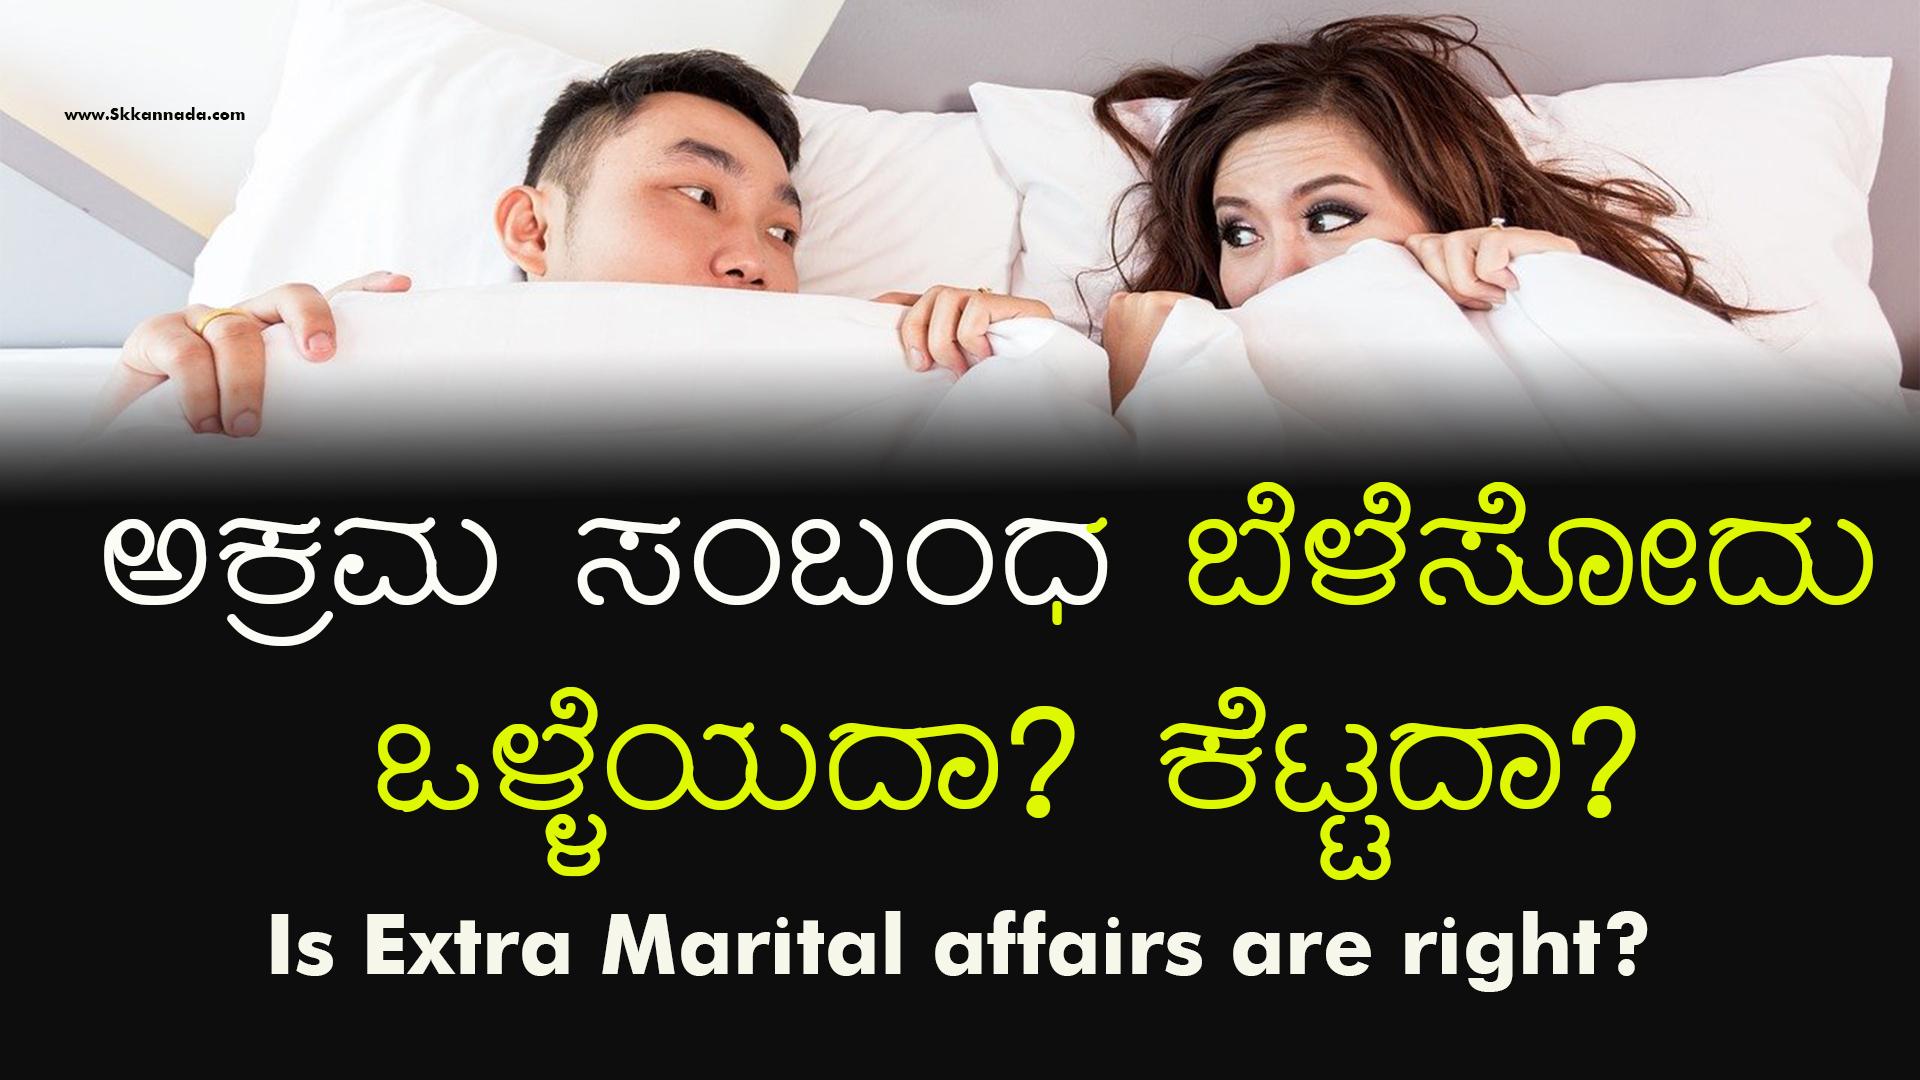 ಅಕ್ರಮ ಸಂಬಂಧ ಬೆಳೆಸೋದು ಒಳ್ಳೆಯದಾ? ಕೆಟ್ಟದಾ? Is Extra Marital affairs are right? - Director Satishkumar - Stories in Kannada , Ebooks, Kannada Kavanagalu, Kannada Quotes, Earning Tips